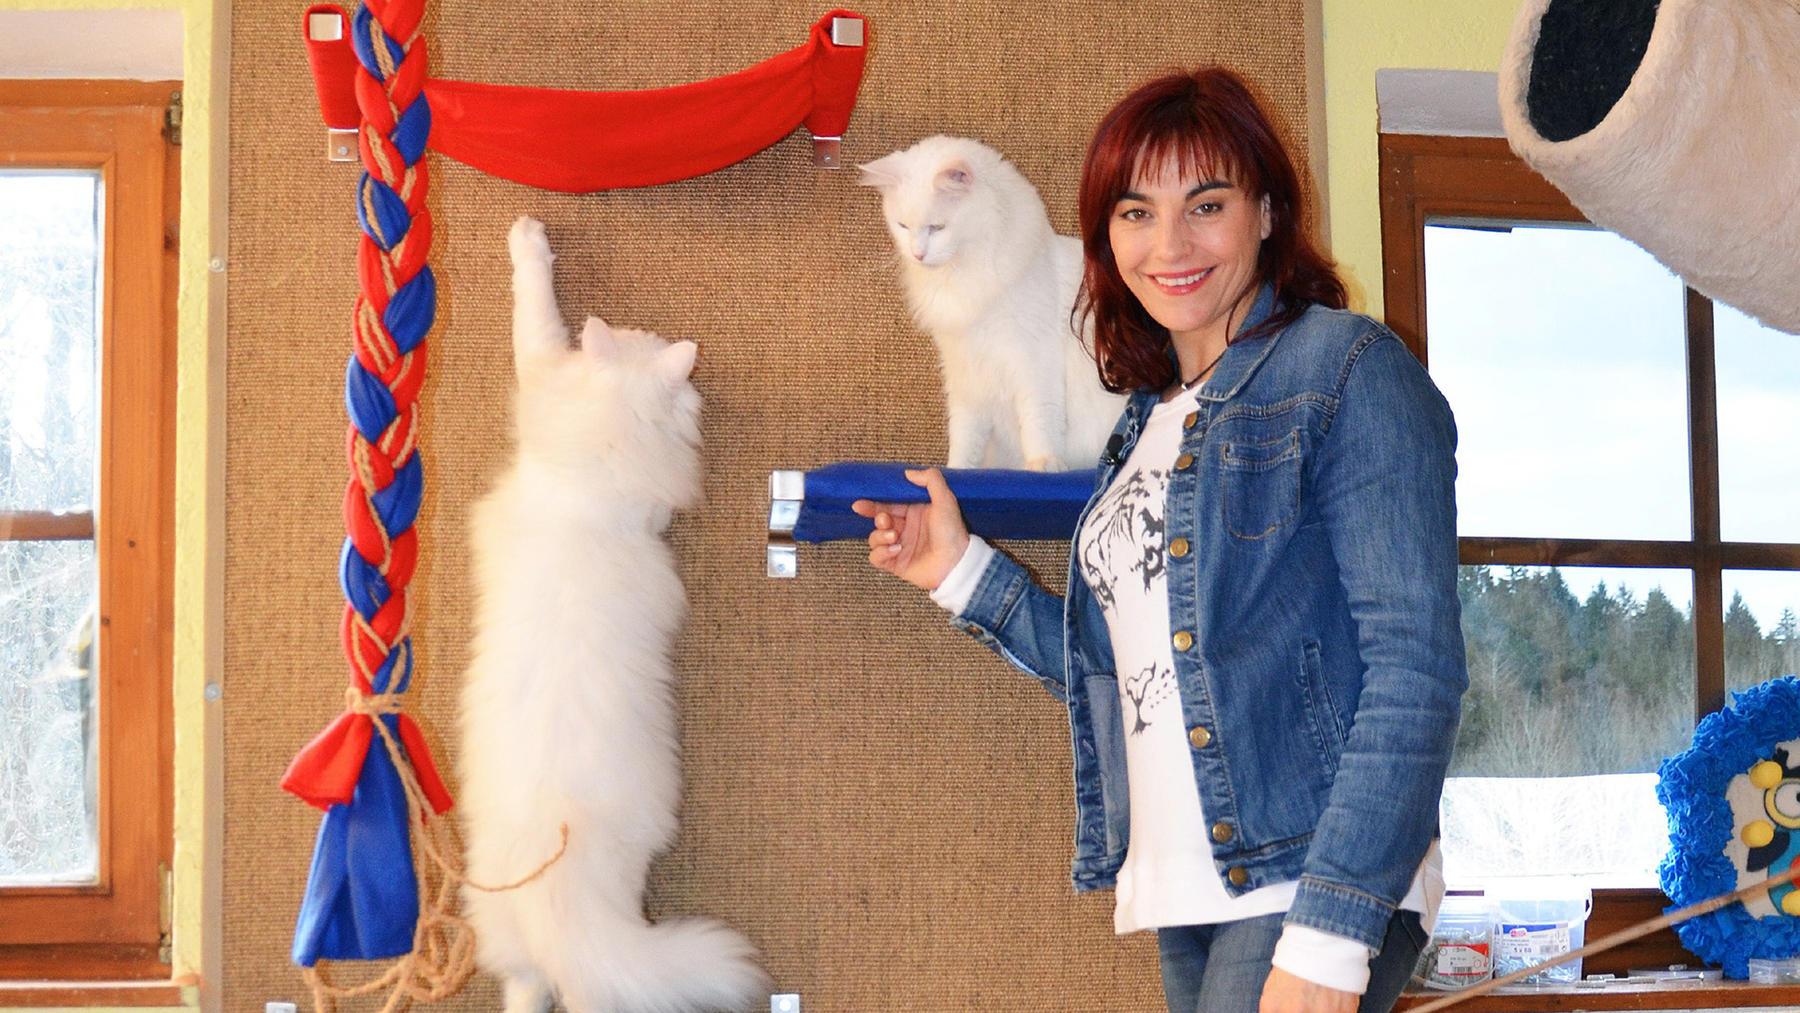 Katzen wollen hoch hinaus | Folge 18